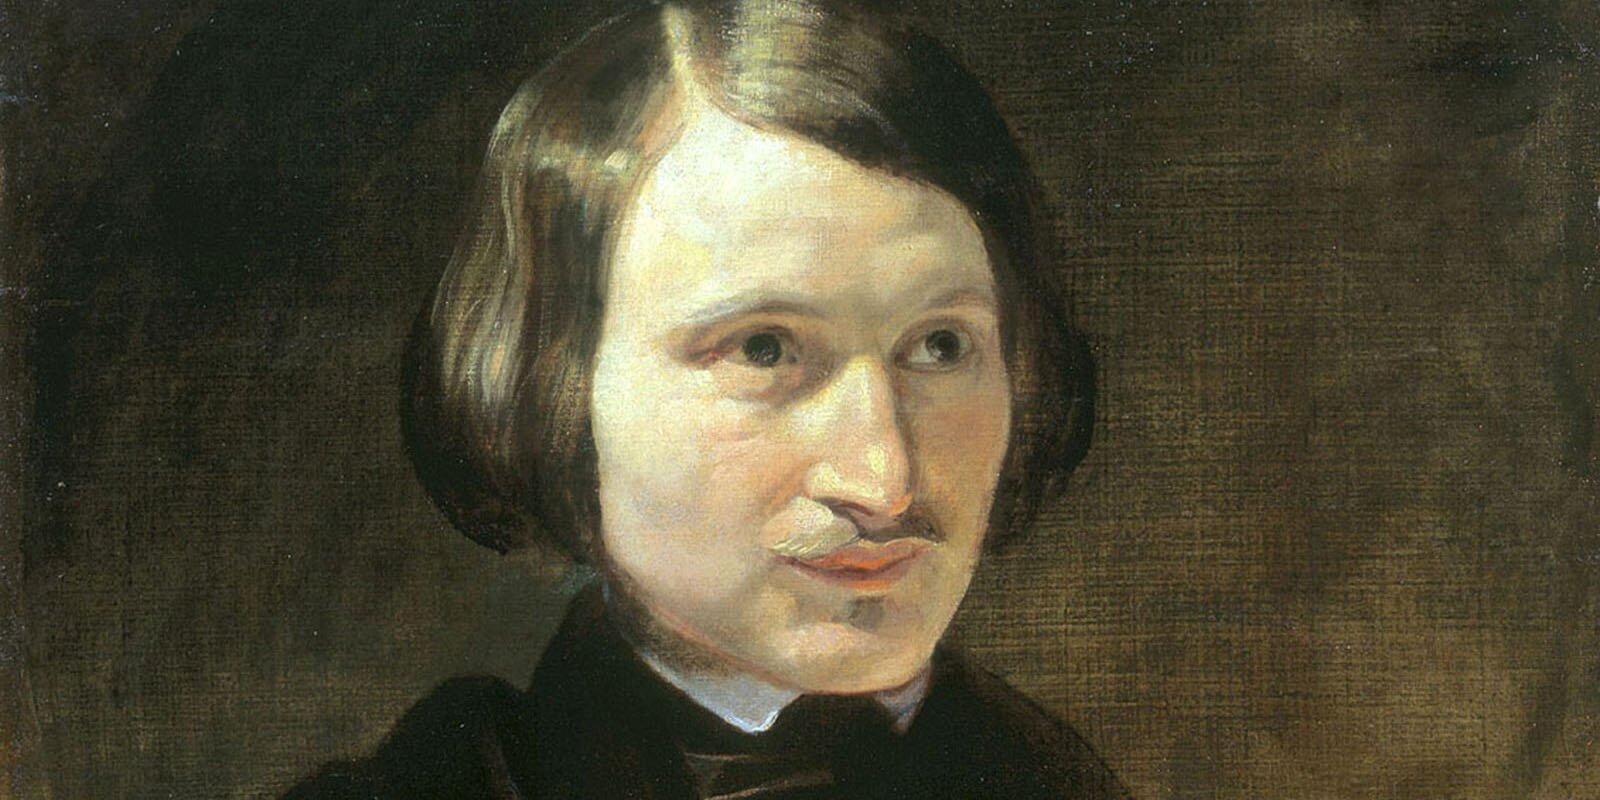 Ф. Моллер. Портрет Н. Гоголя. Фрагмент. 1841 год